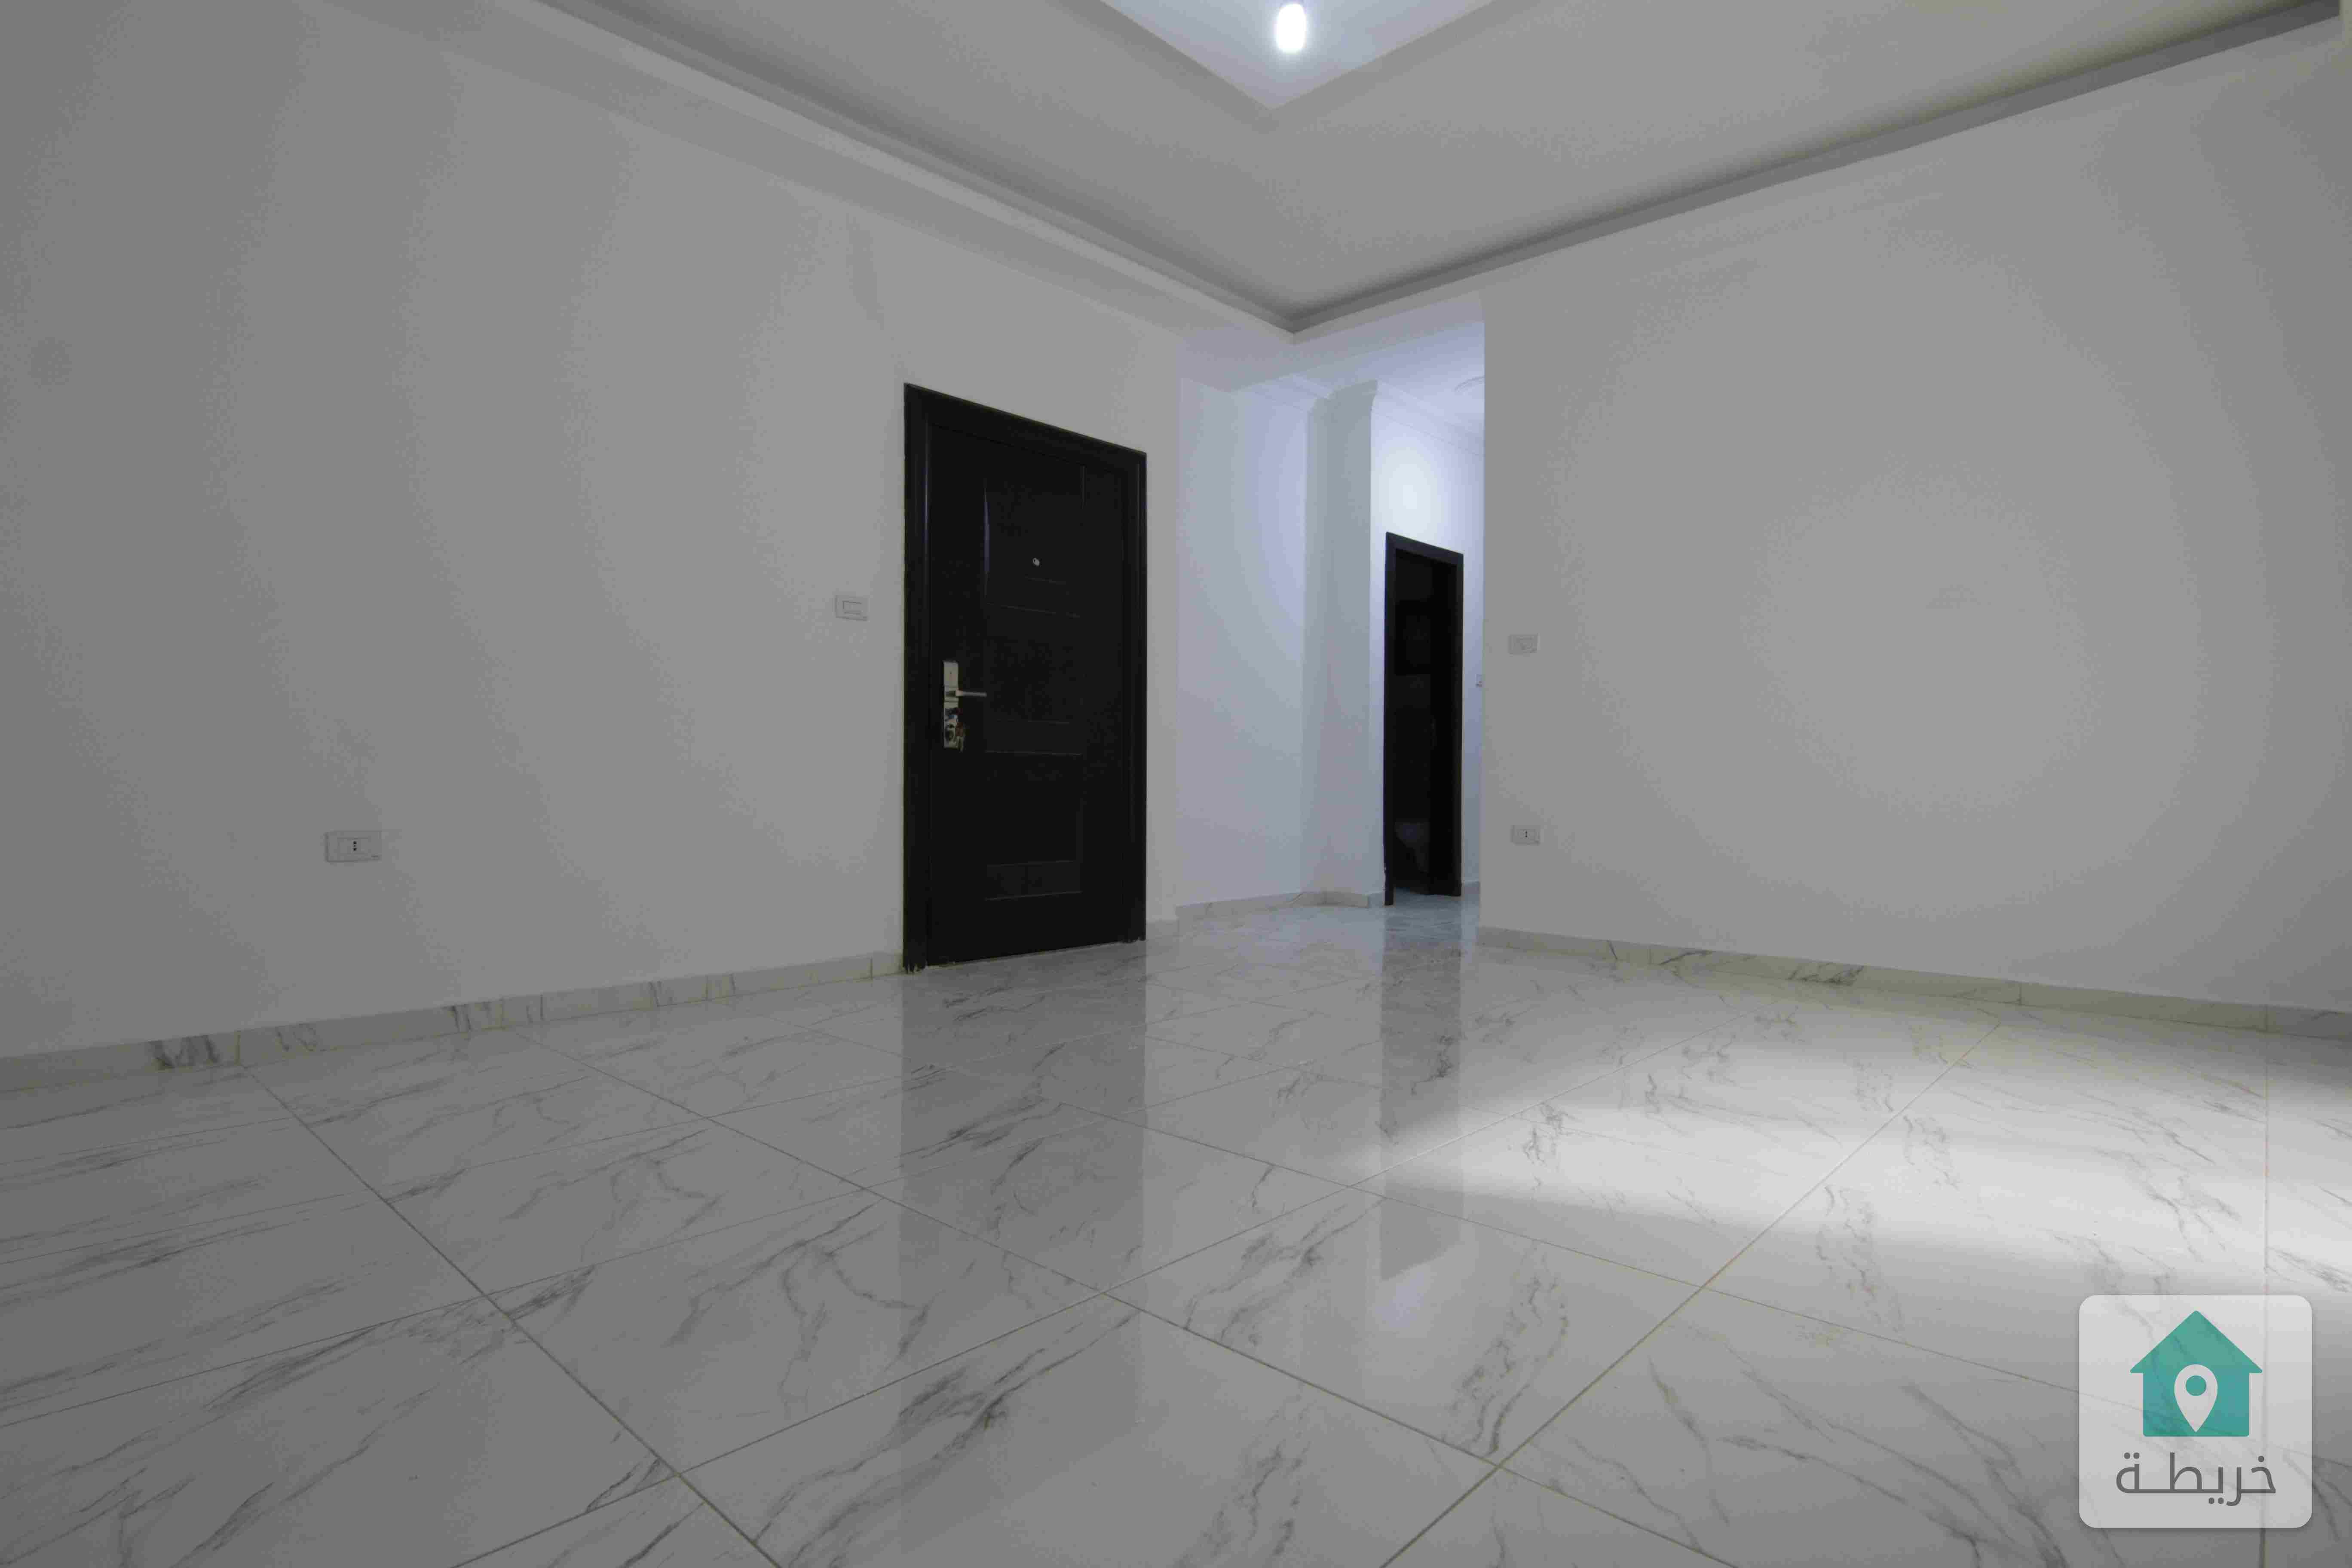 شقة 130م في ام زويتينة مع حديقة 40م